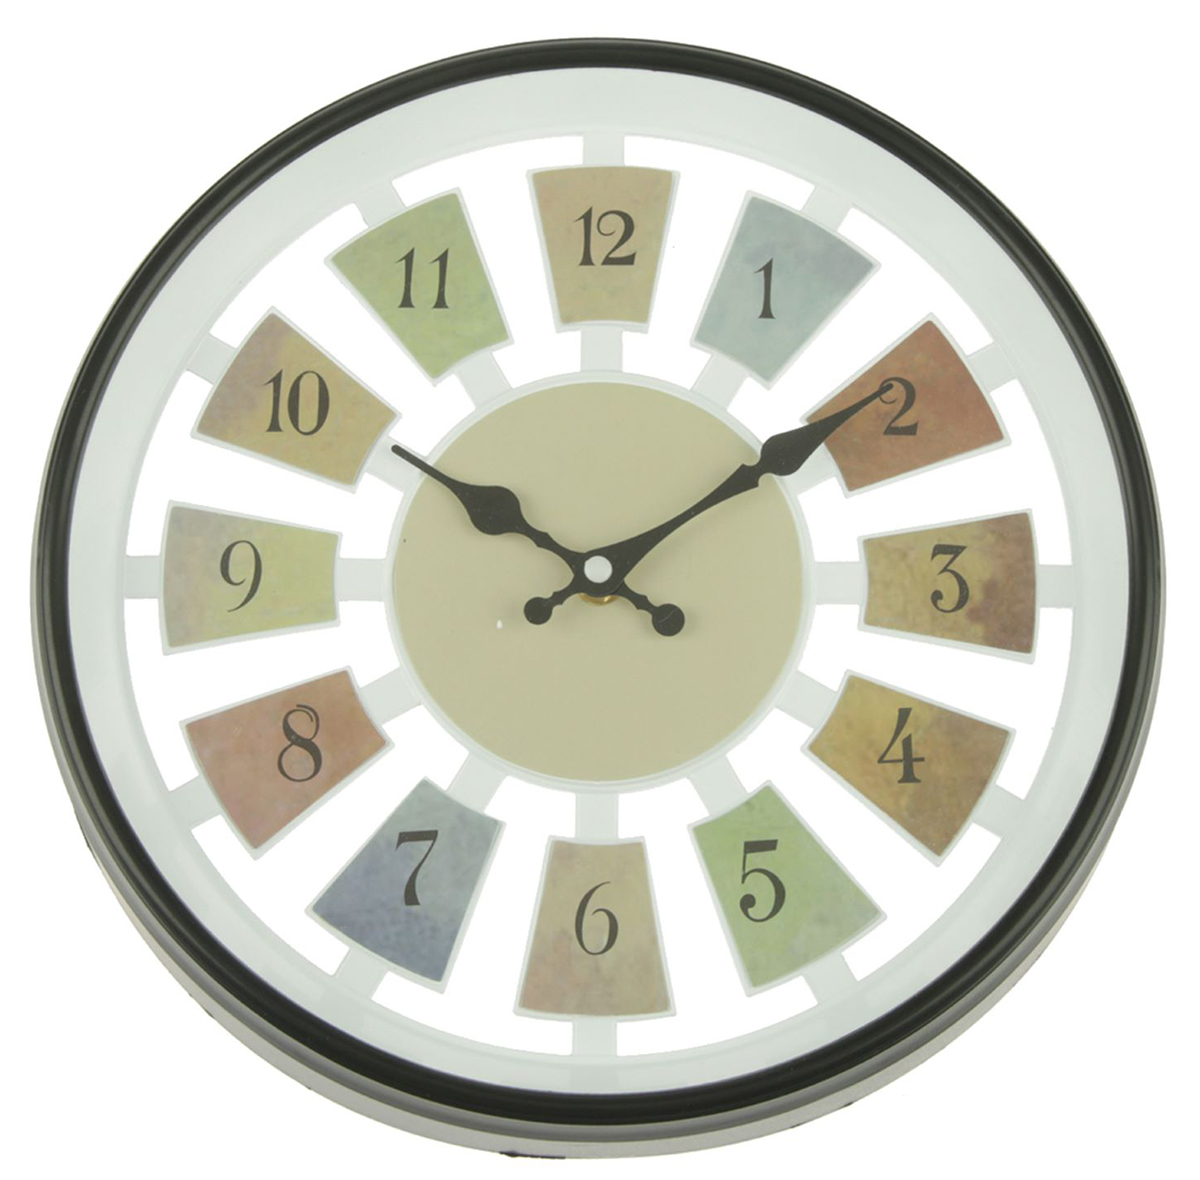 Часы настенные Цифры, цвет: черный, разноцветный, диаметр 30 см2307003Каждому хозяину периодически приходит мысль обновить свою квартиру, сделать ремонт, перестановку или кардинально поменять внешний вид каждой комнаты. — привлекательная деталь, которая поможет воплотить вашу интерьерную идею, создать неповторимую атмосферу в вашем доме. Окружите себя приятными мелочами, пусть они радуют глаз и дарят гармонию.Часы настенные серия Цифры, круг, цифры по кайме, рама черная, цифры цветные d=30см, 30*5см 230700